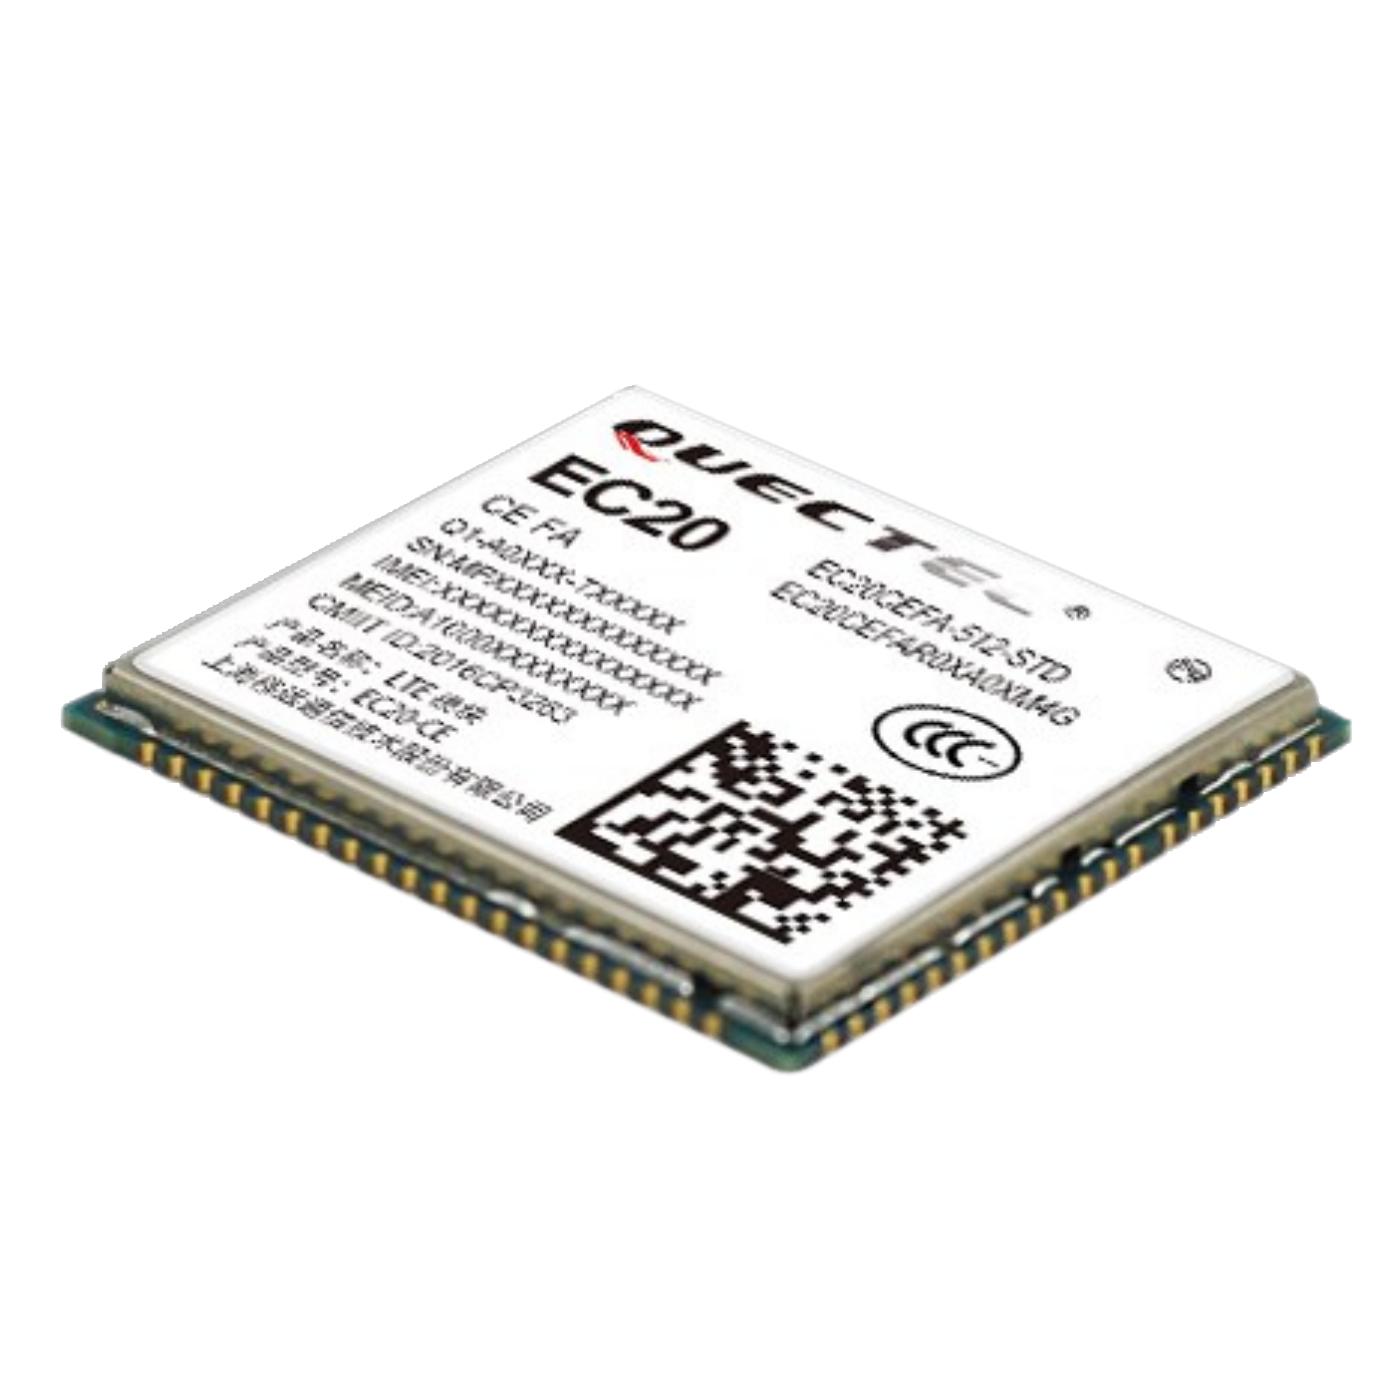 移远多网络制式LTE模块EC20 1